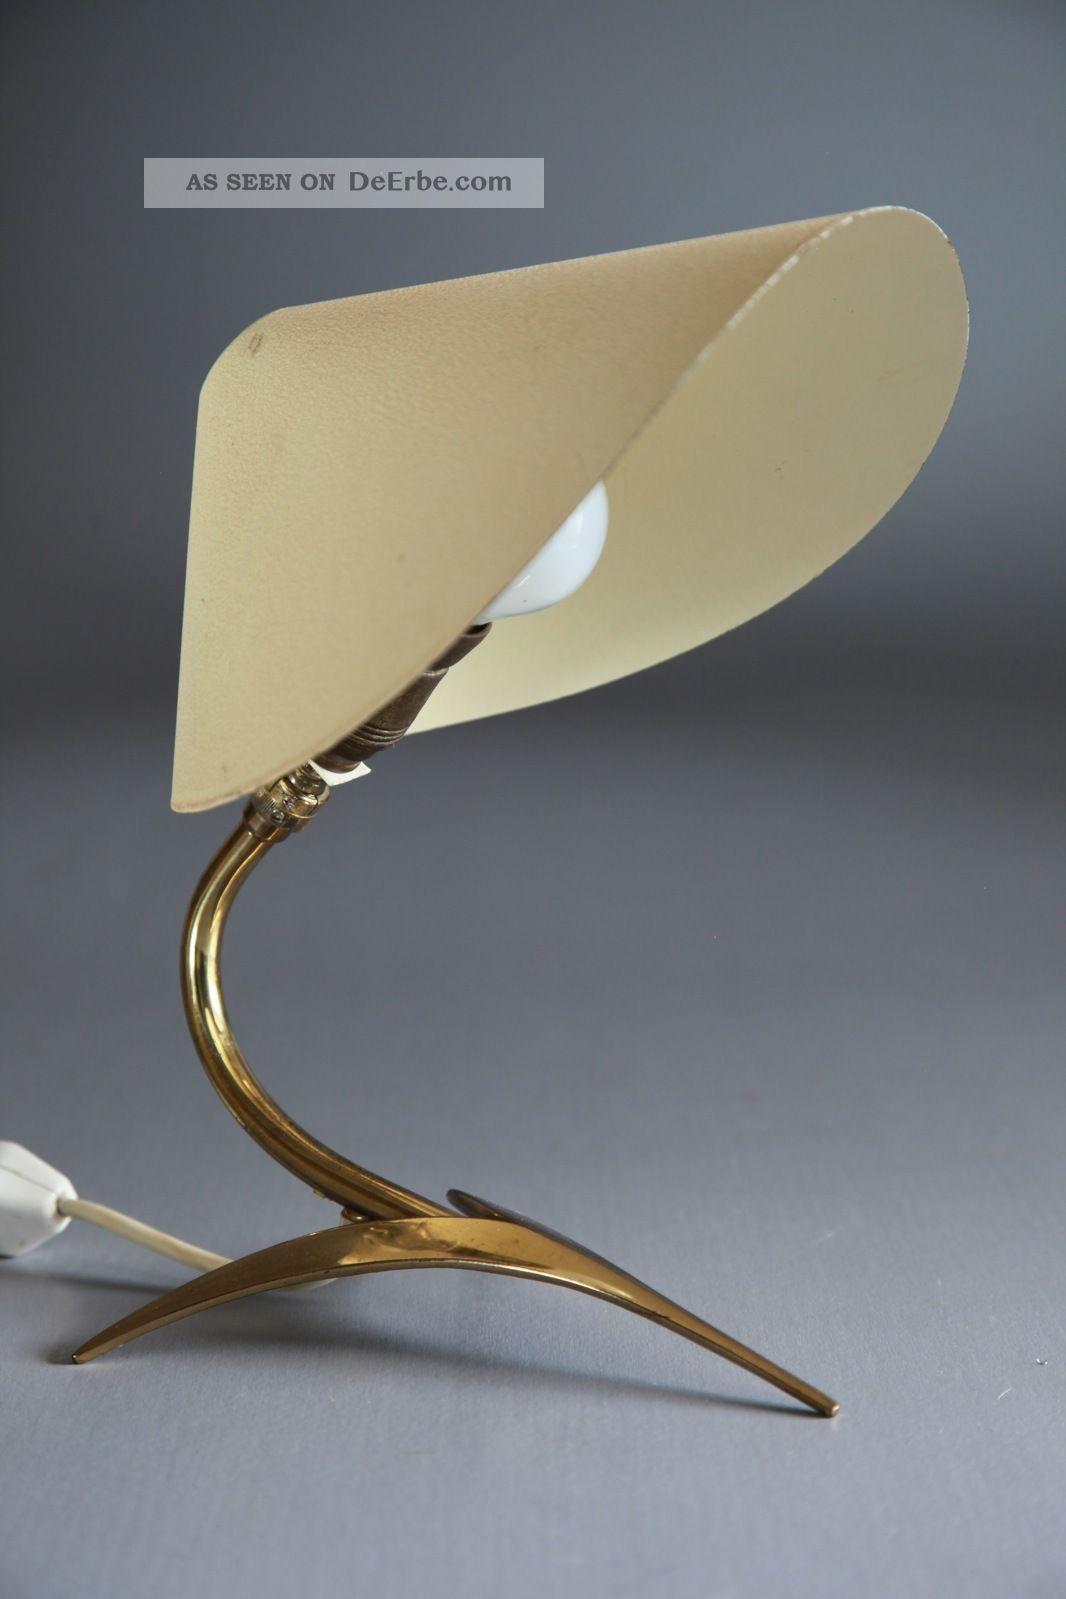 Tischlampe Frankreich Um 1950 50er 60er Kalff Guariche Stilnovo 1950-1959 Bild